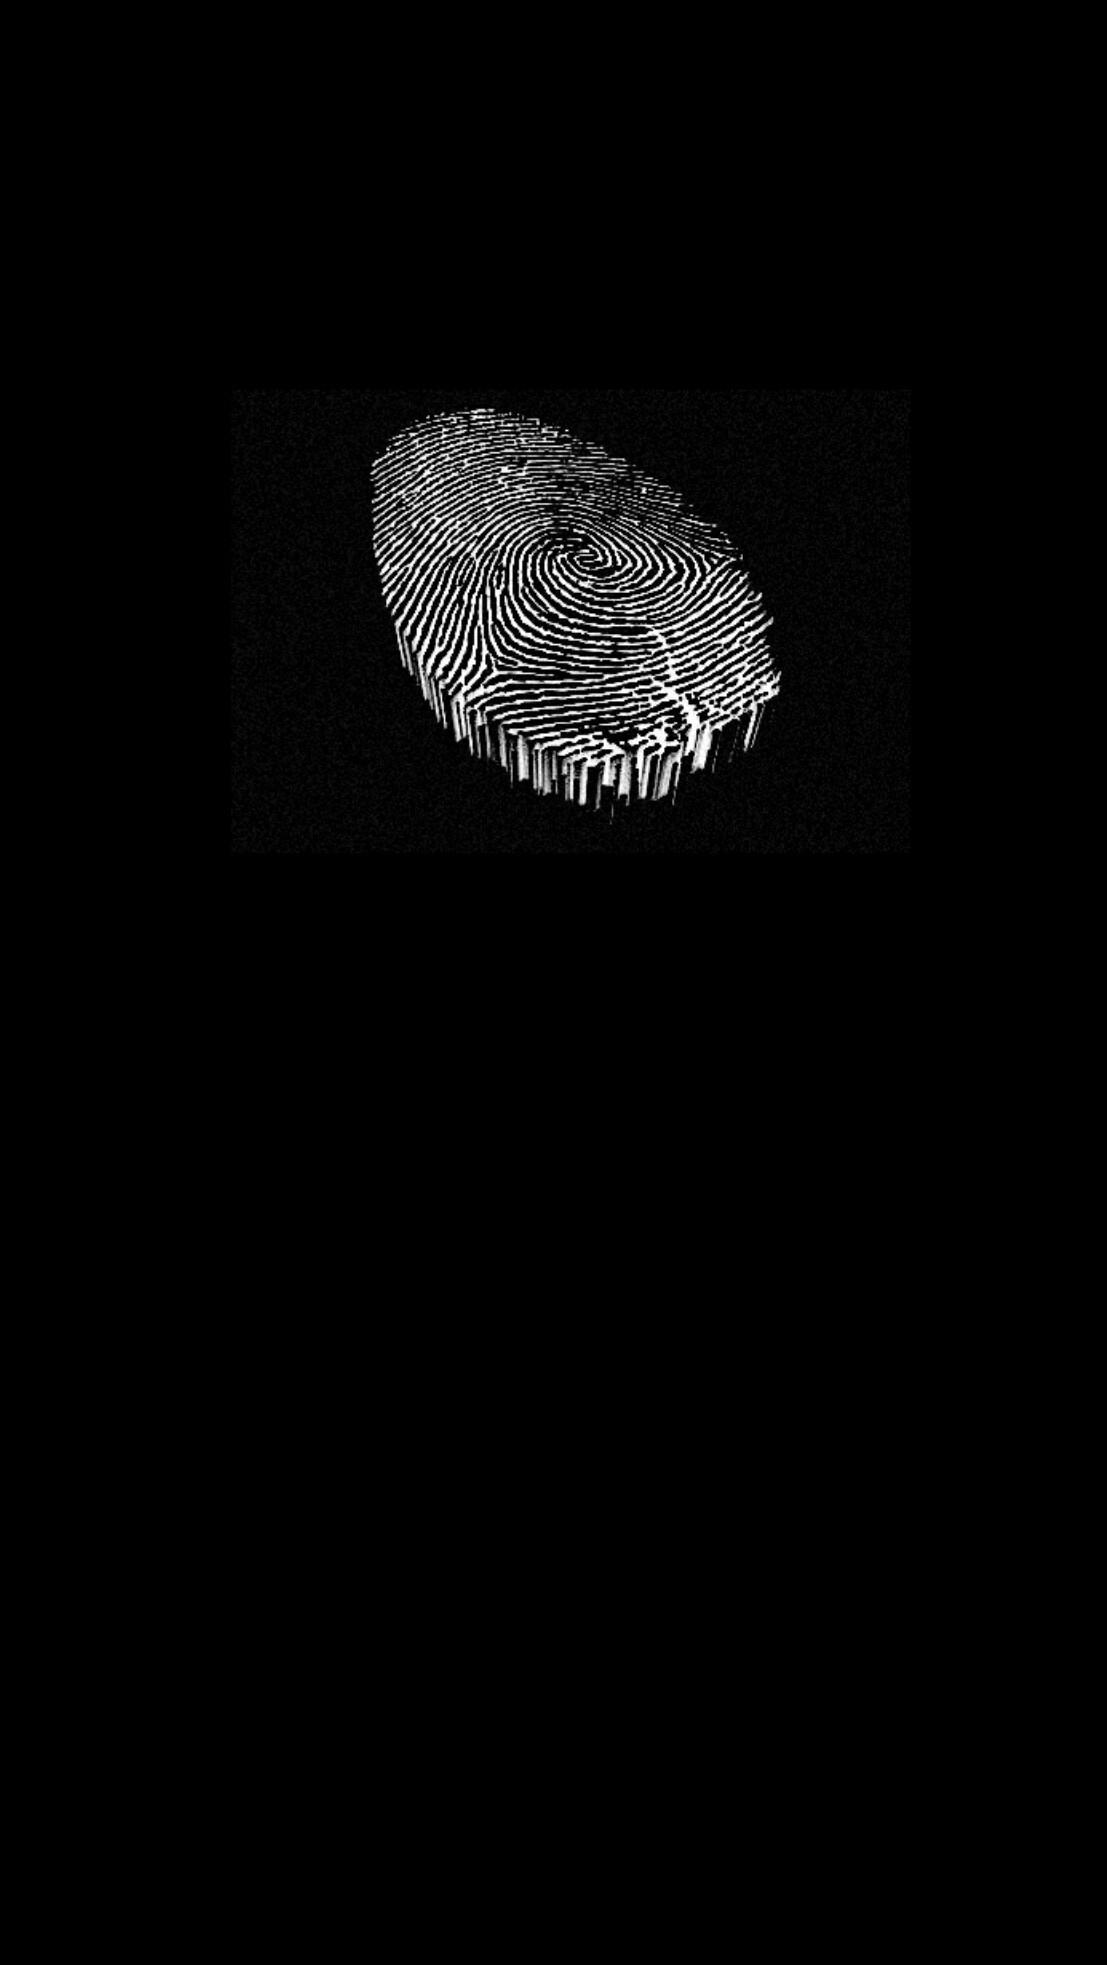 صور سوداء سادة 5